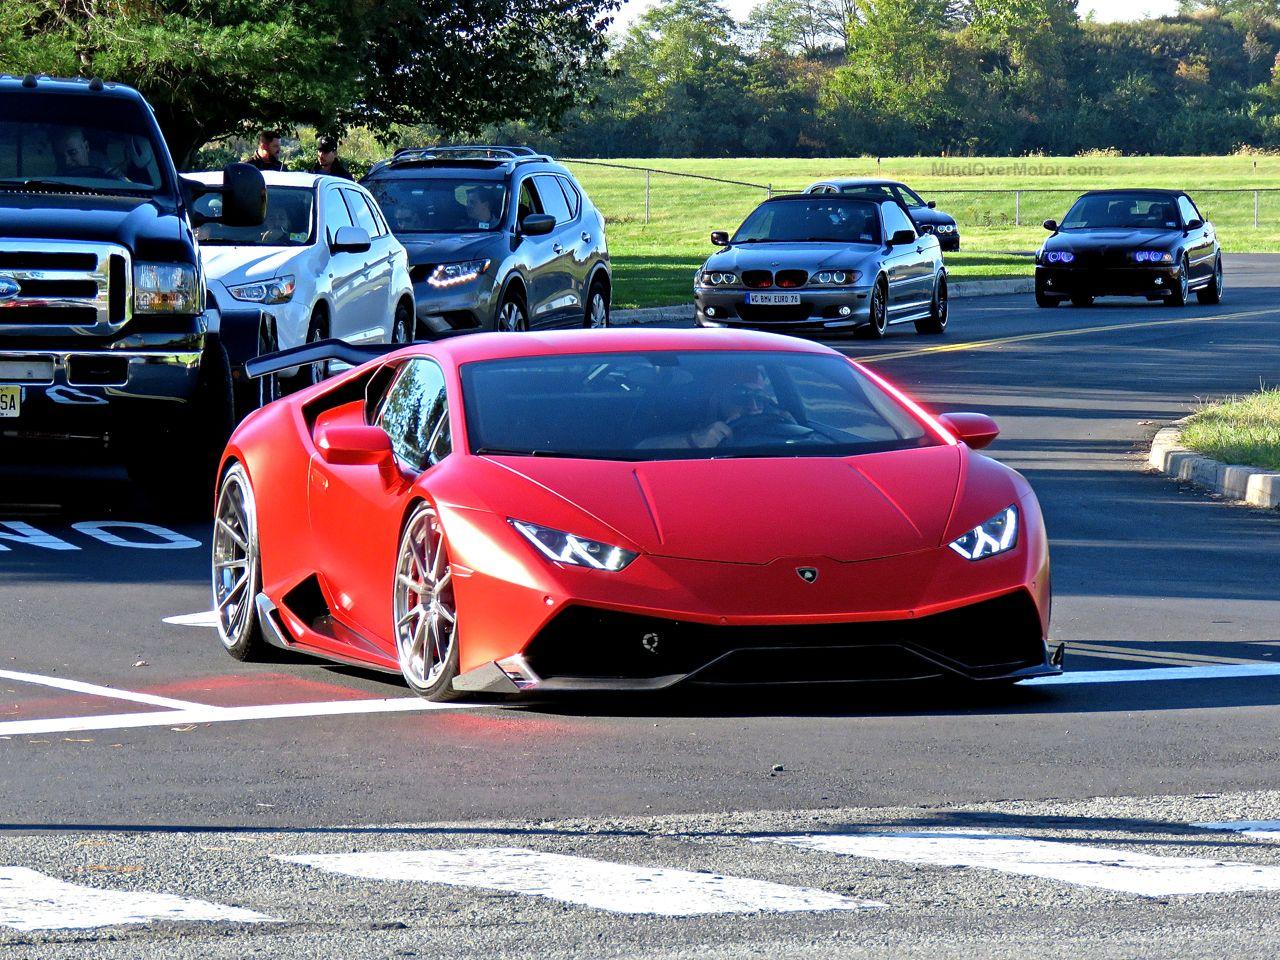 Slammed Lamborghini Huracan 3